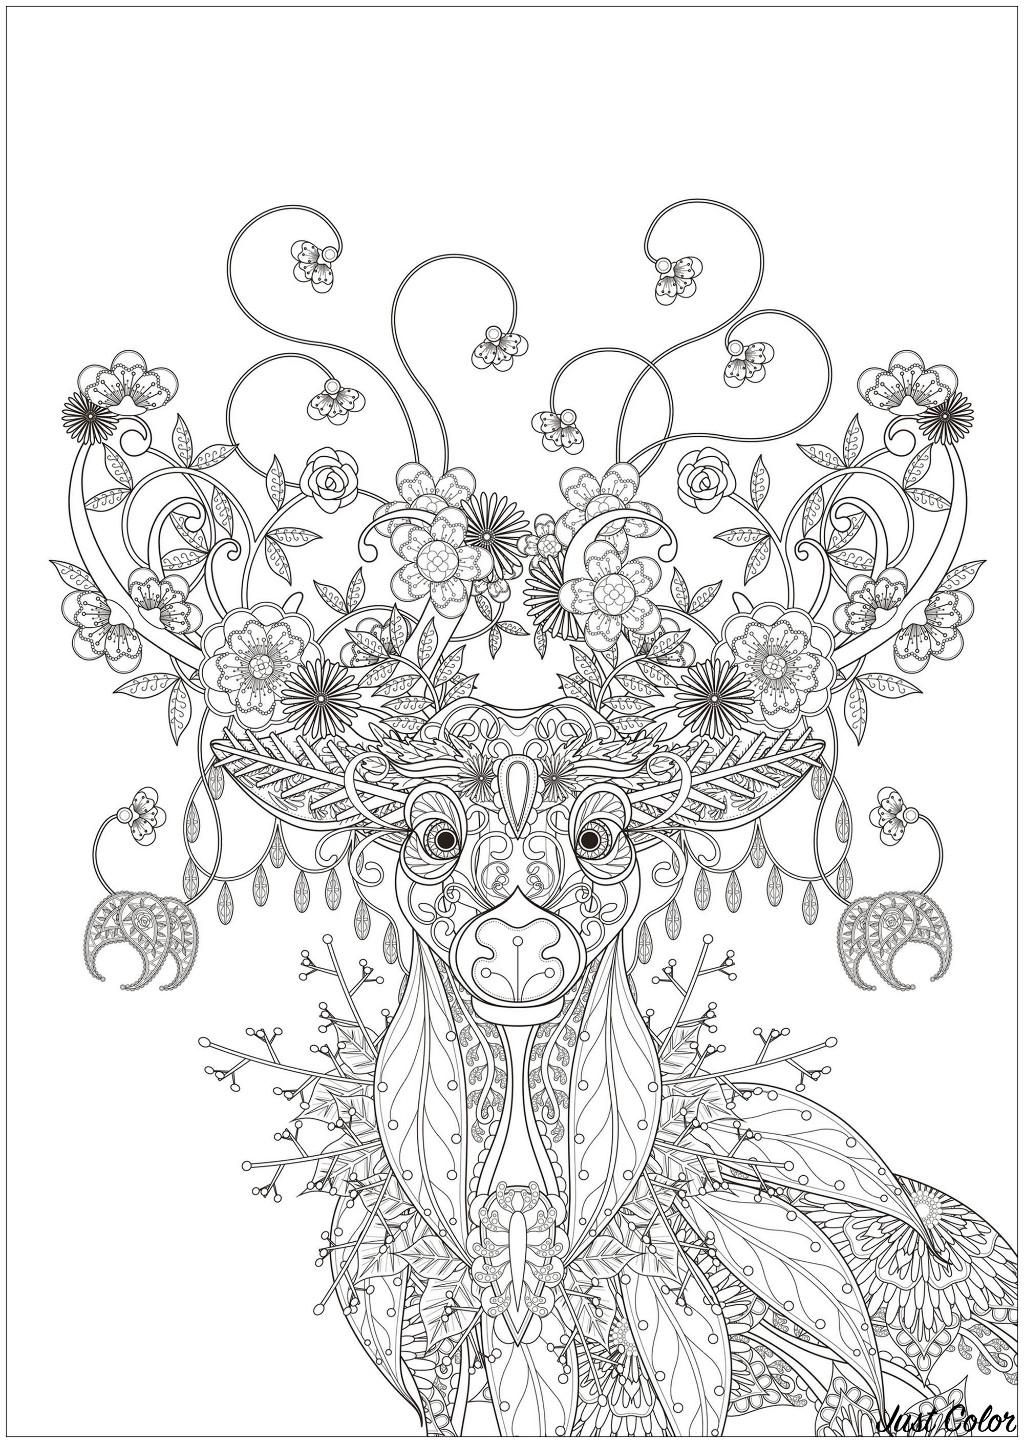 Magnifique Cerf dessiné avec des éléments inspirés par la nature : fleurs, feuilles, branches d'arbres ...